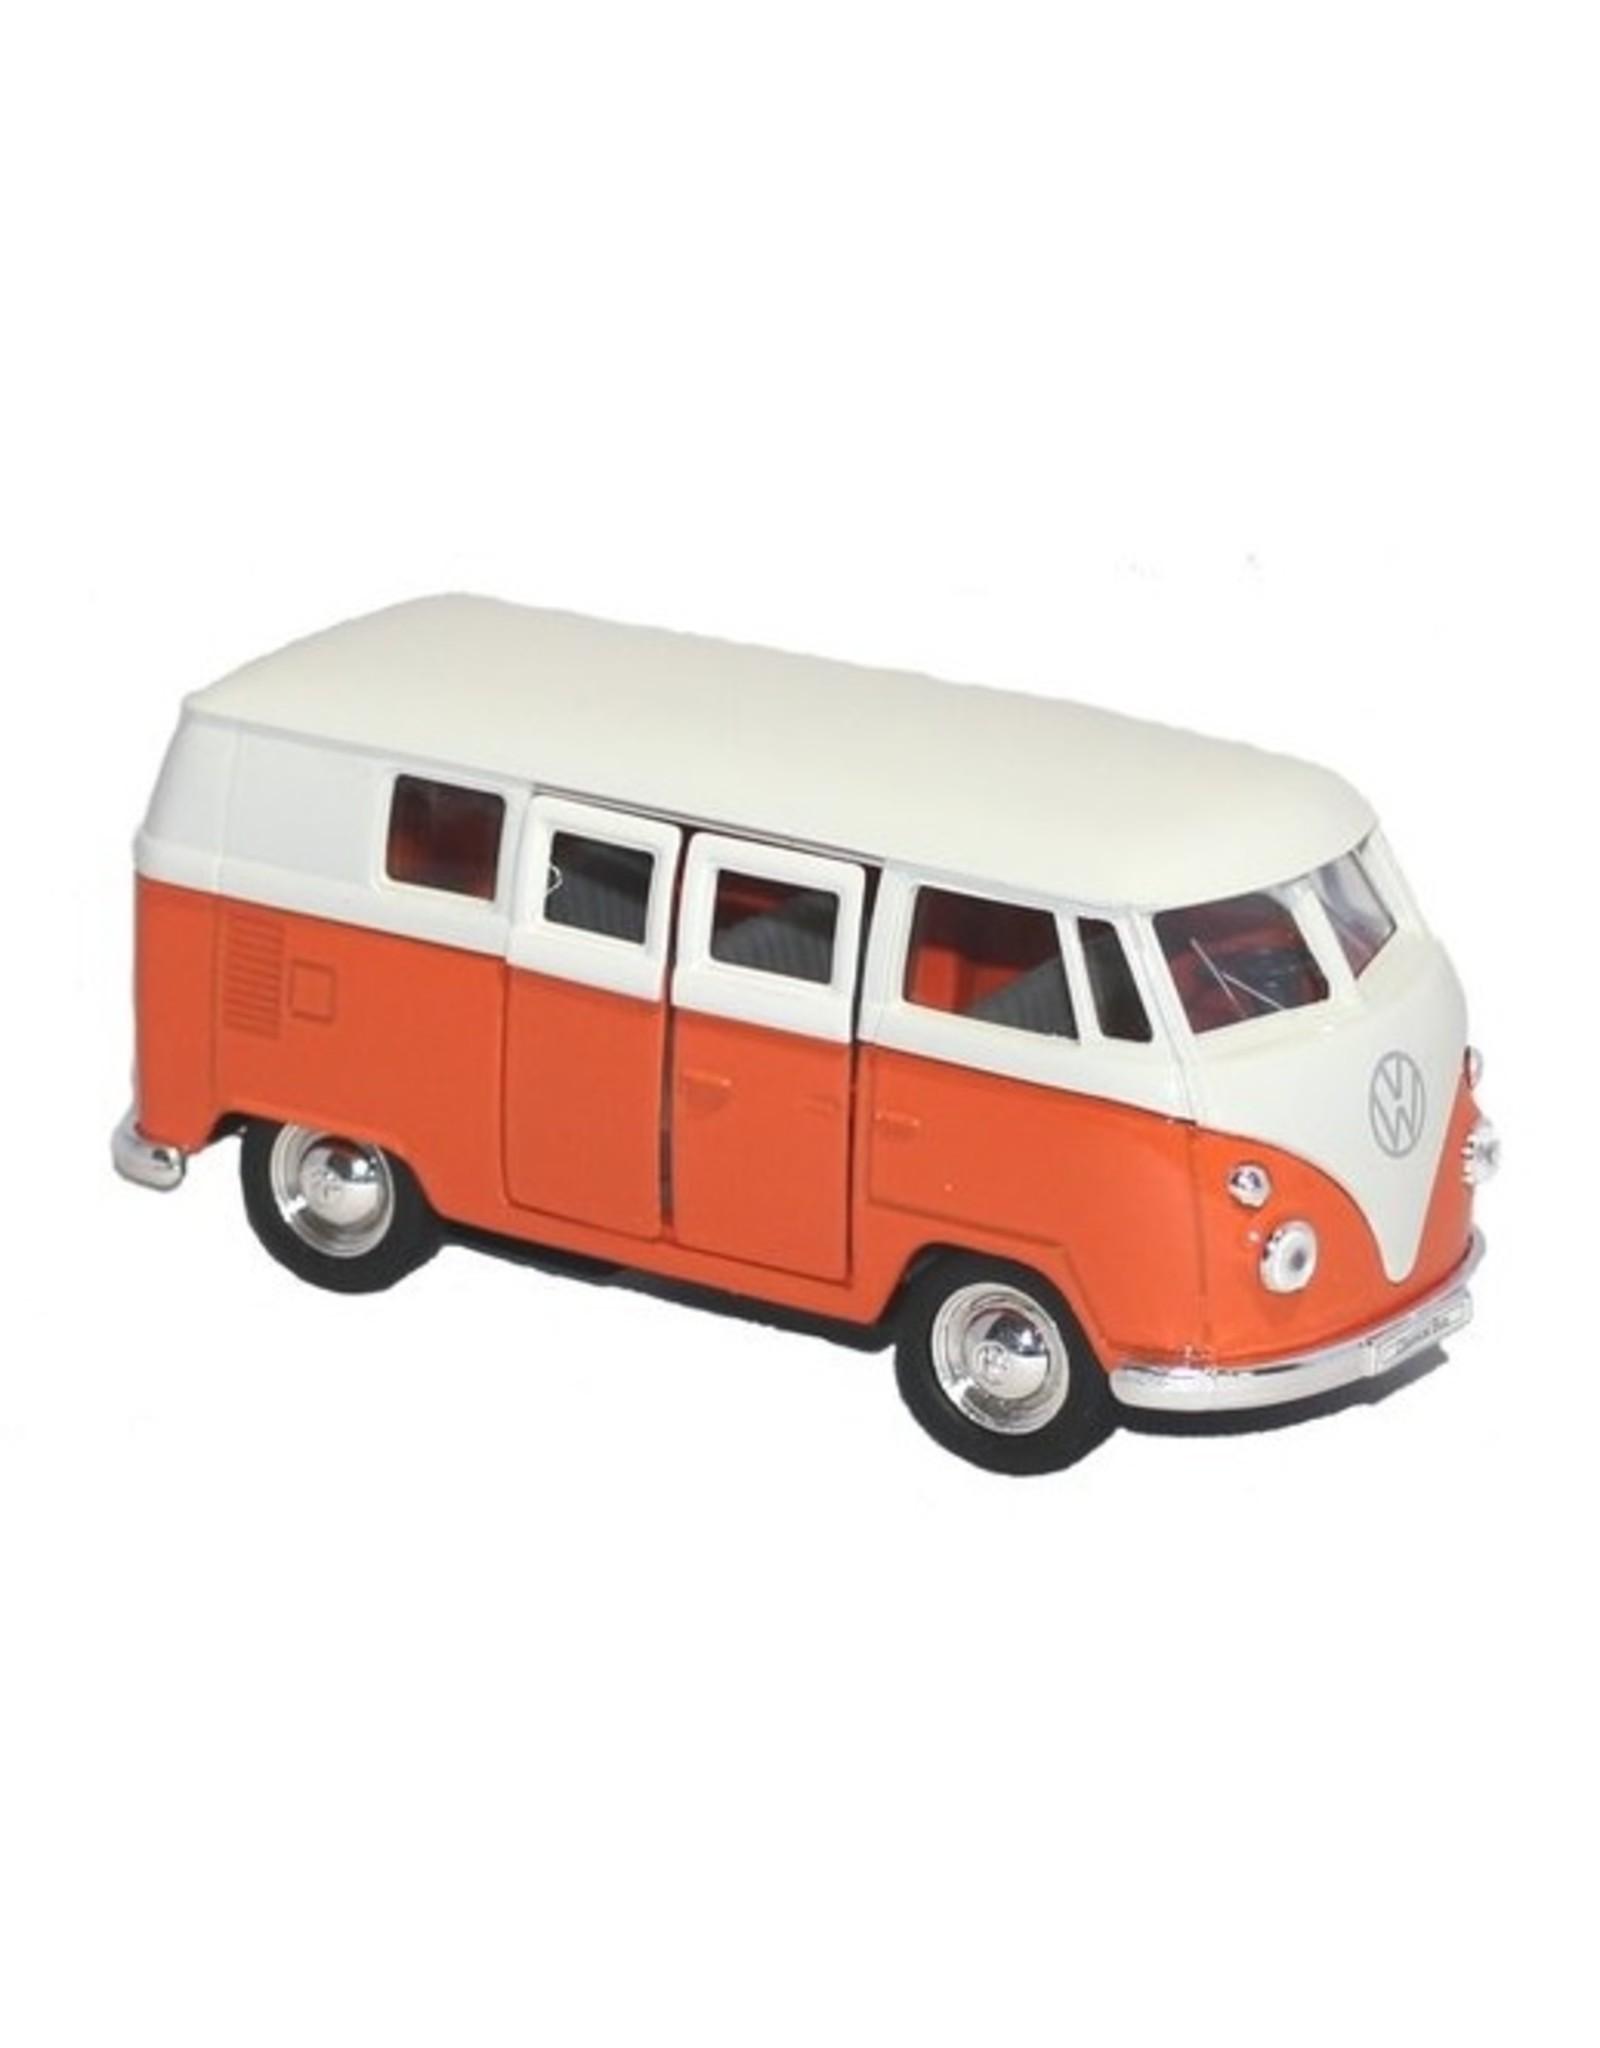 Volkswagen 1962 Busje (1:32) - oranje